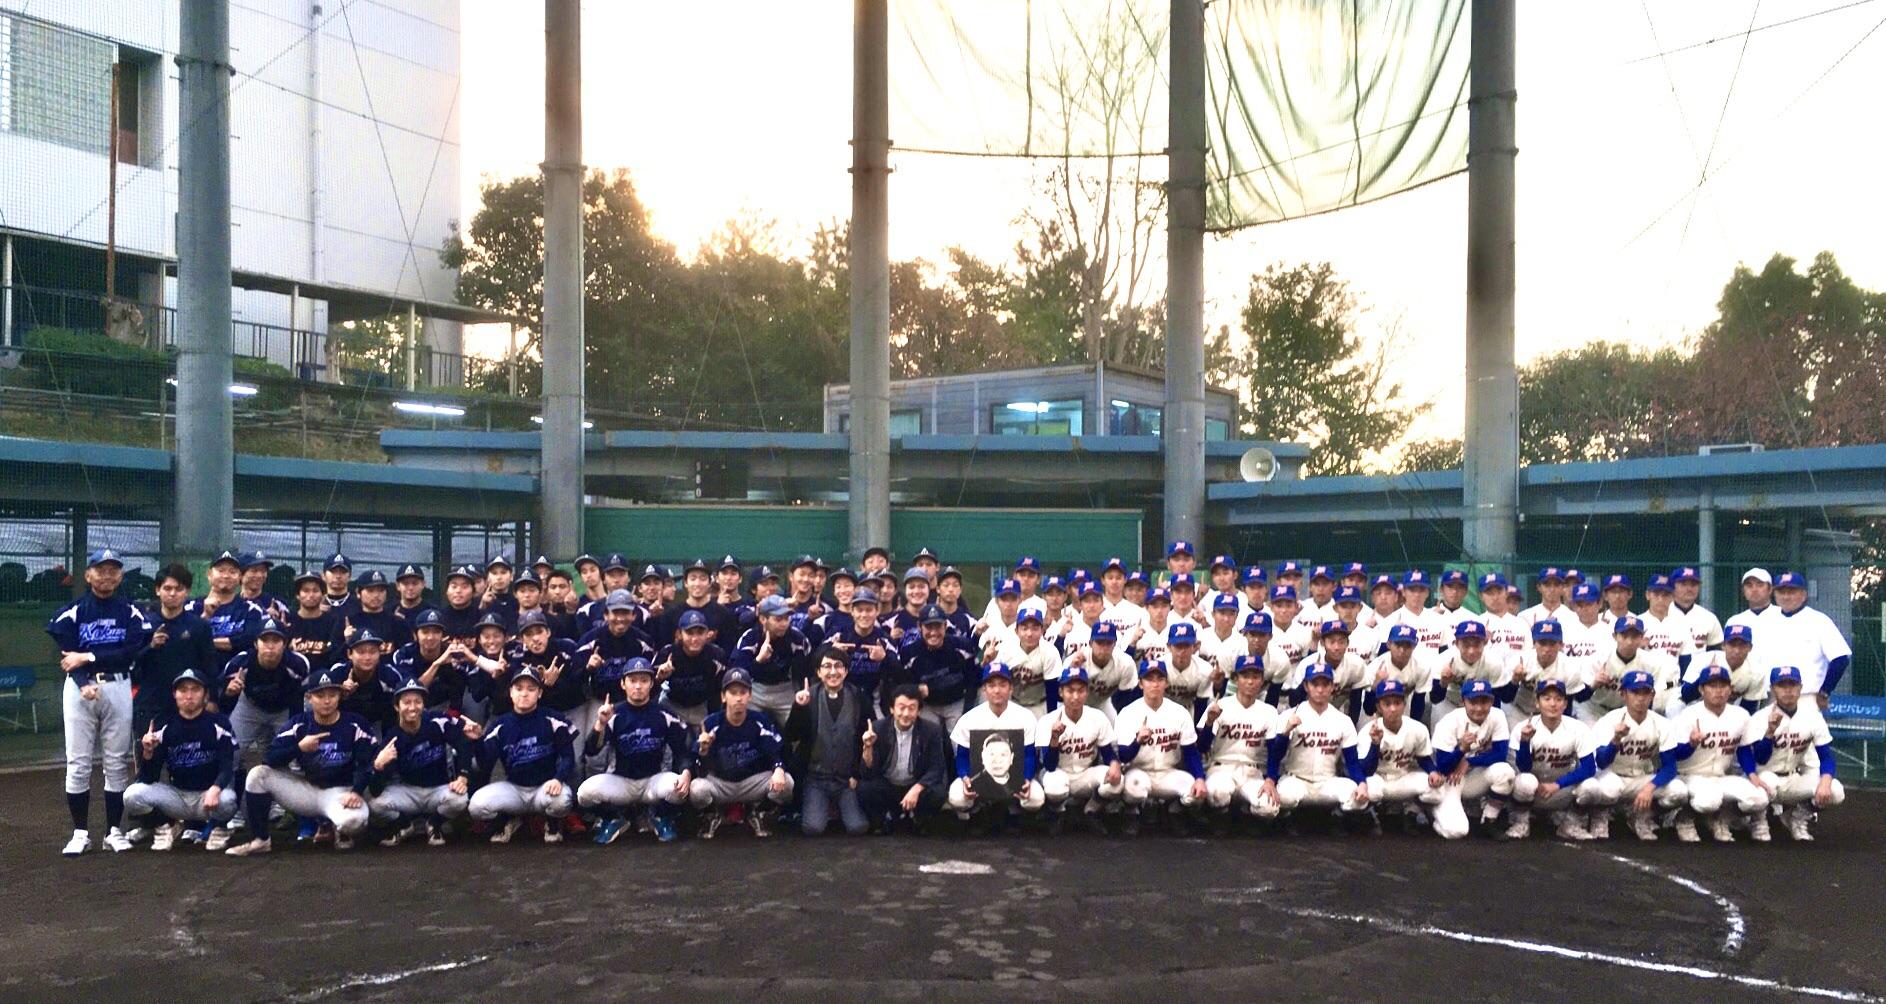 高校 大学 神戸 国際 付属